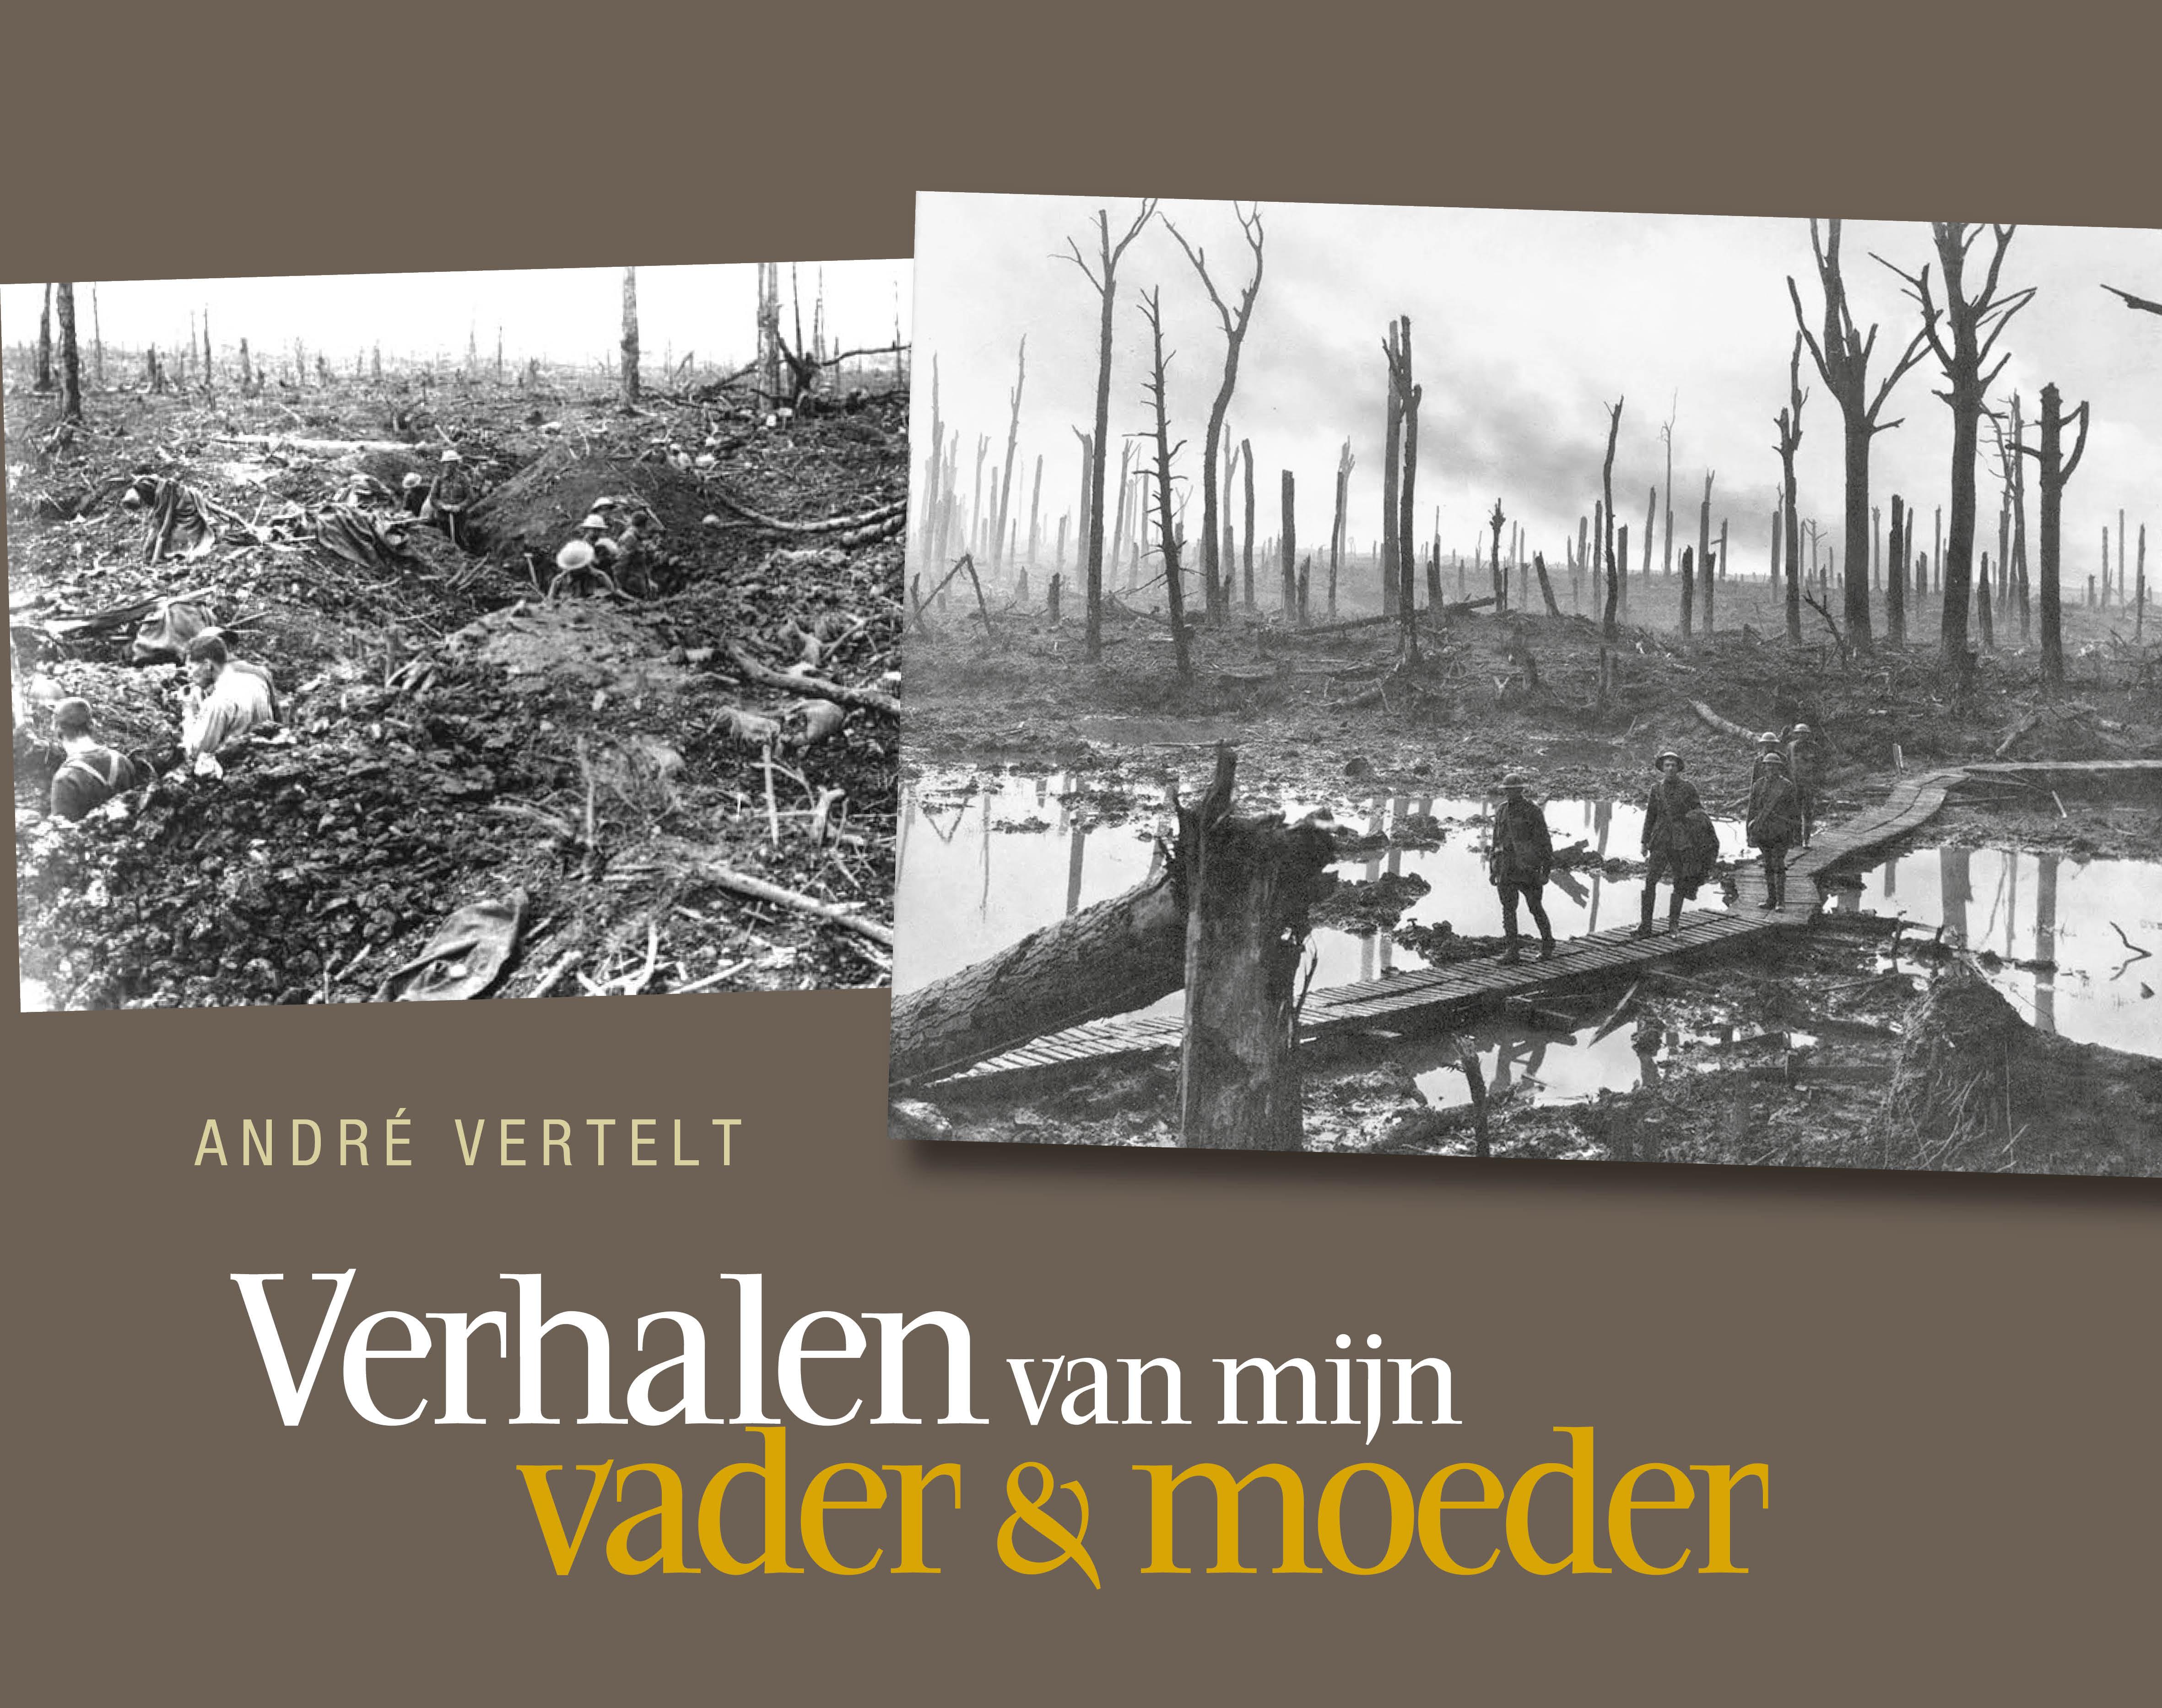 André Vertelt: VERHALEN VAN MIJN VADER & MOEDER